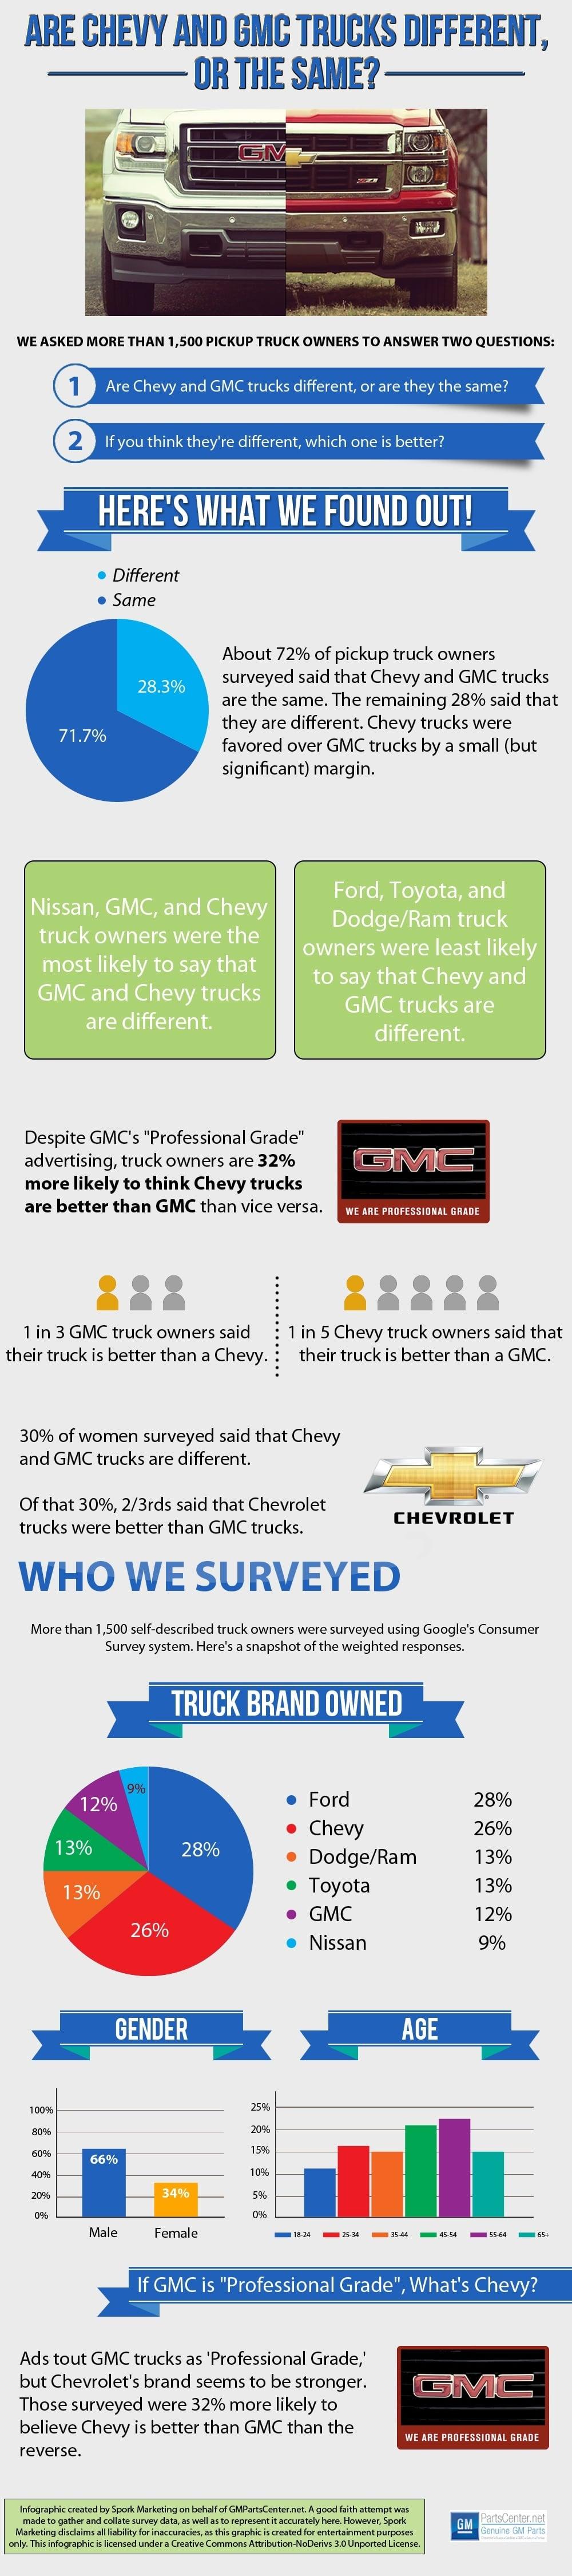 chevy-vs-gmc-infographic